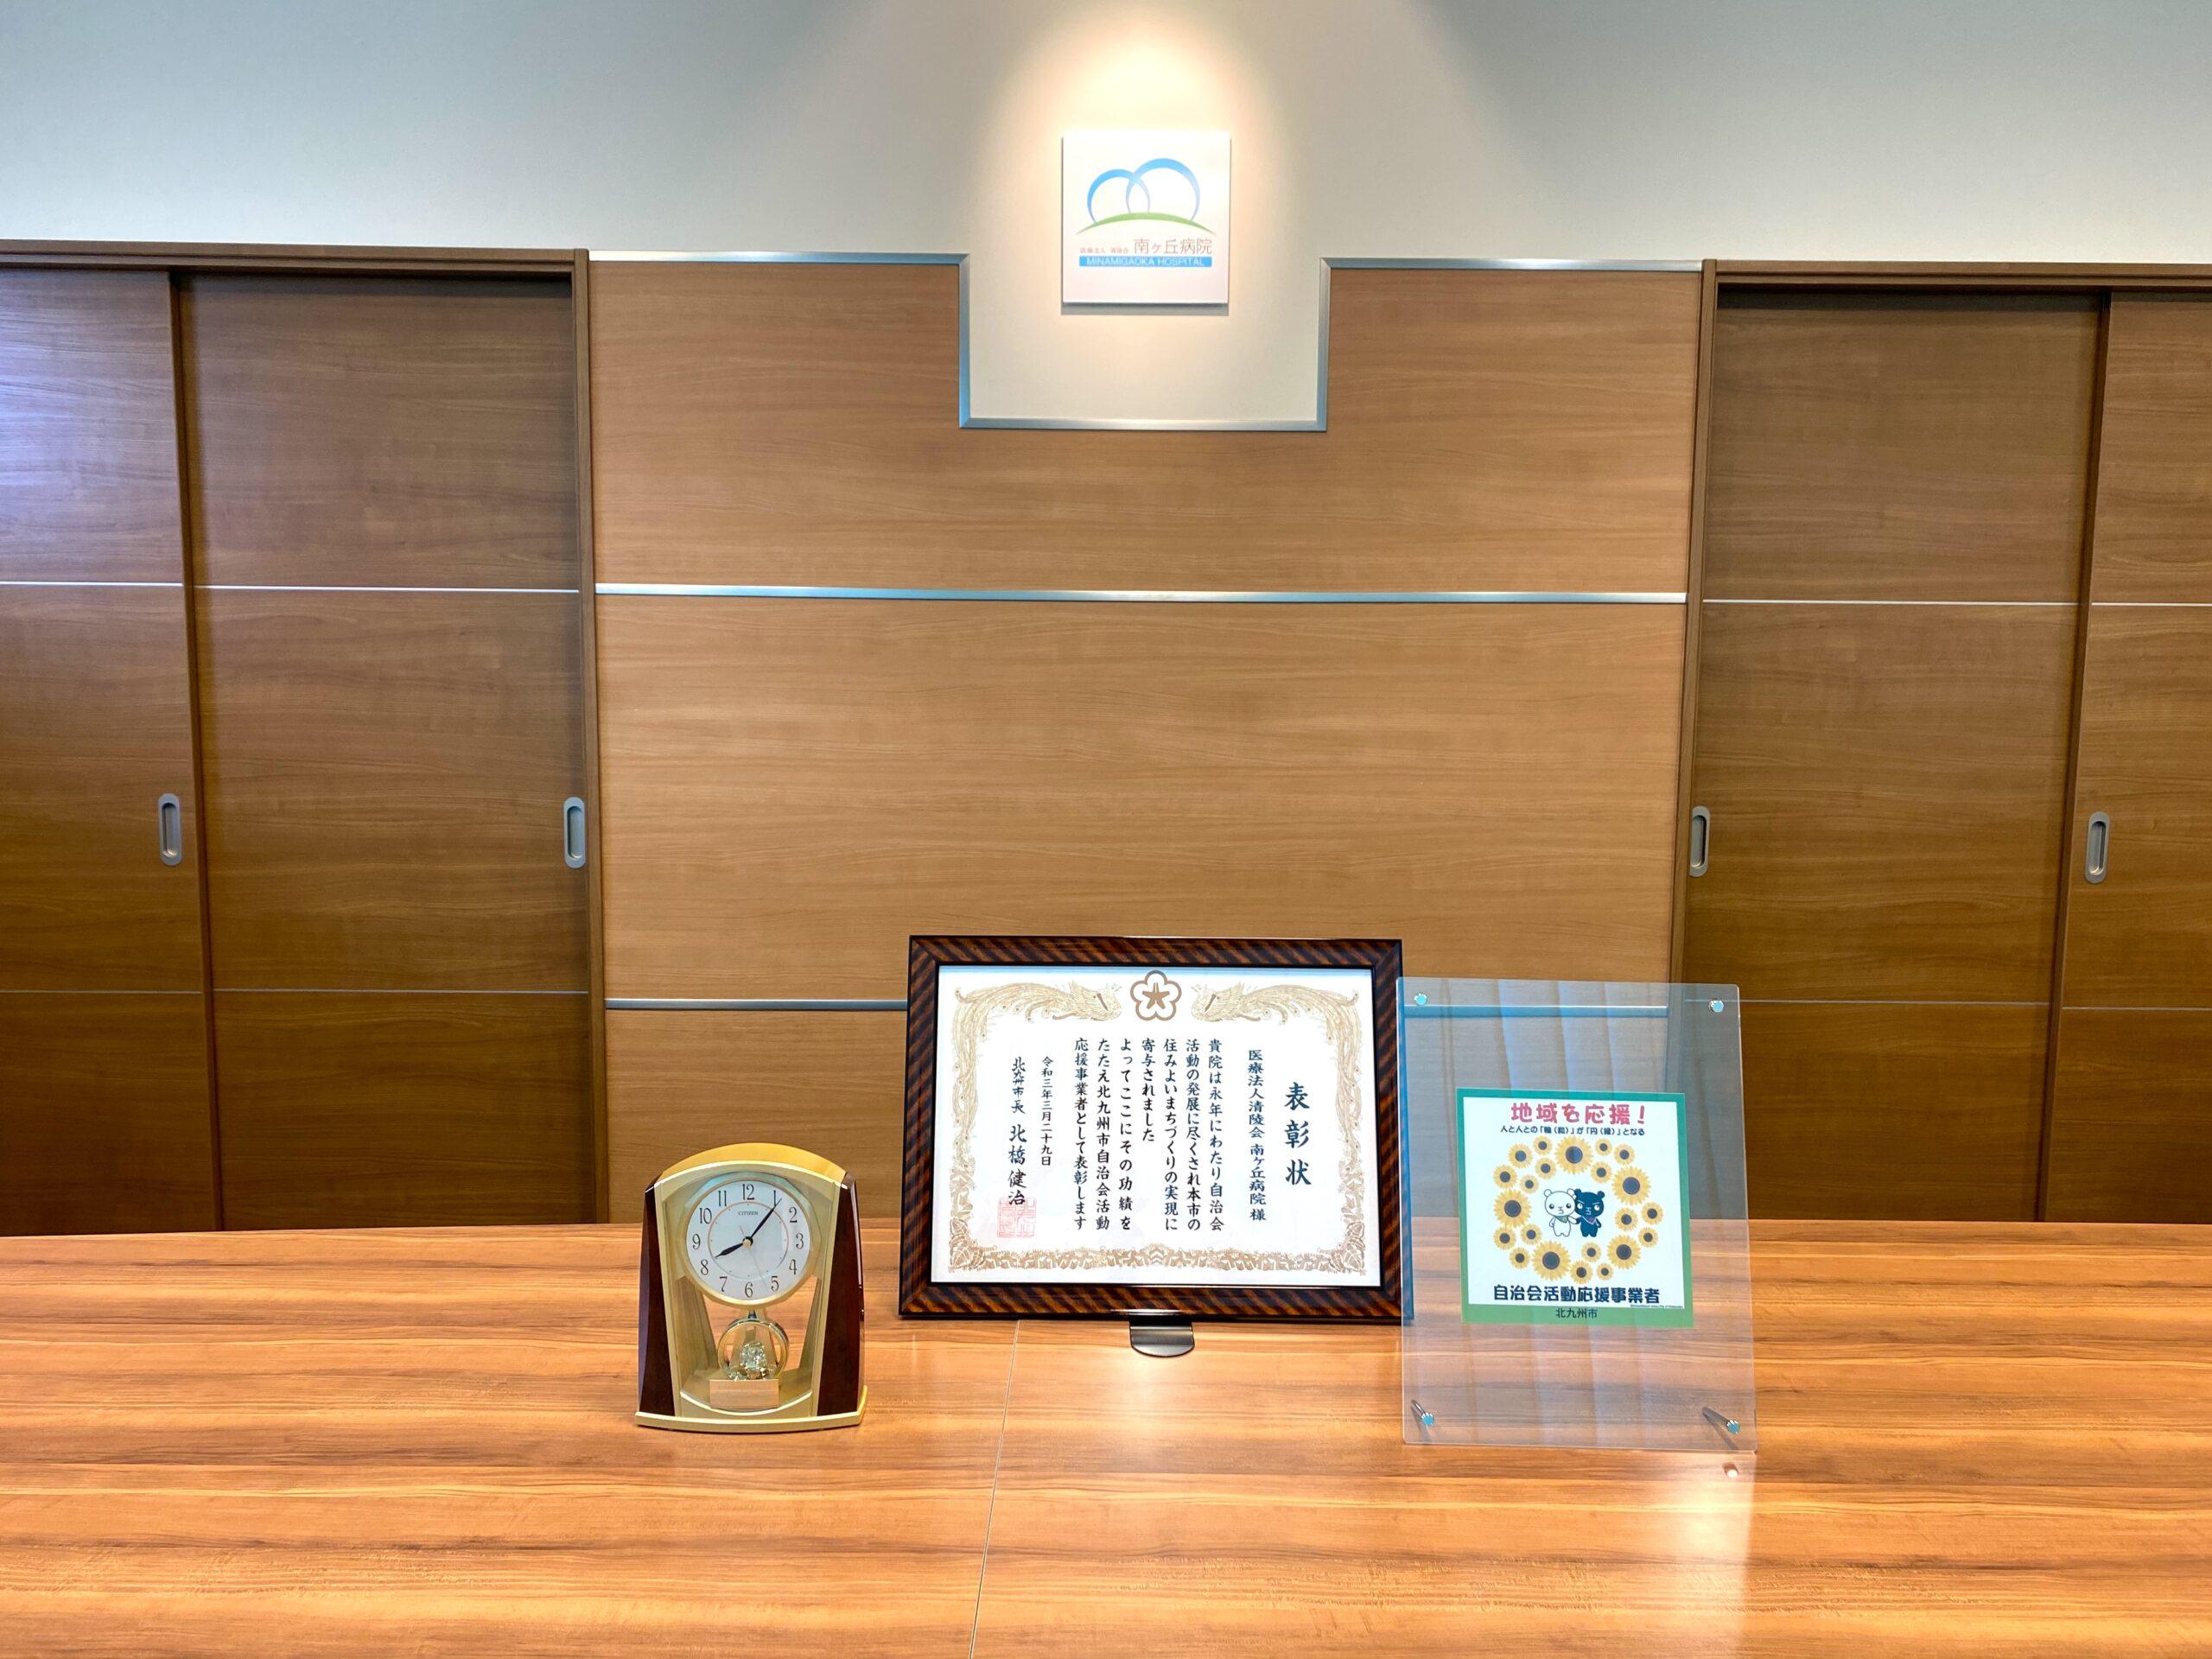 北九州市から表彰 『地域の保健室』として